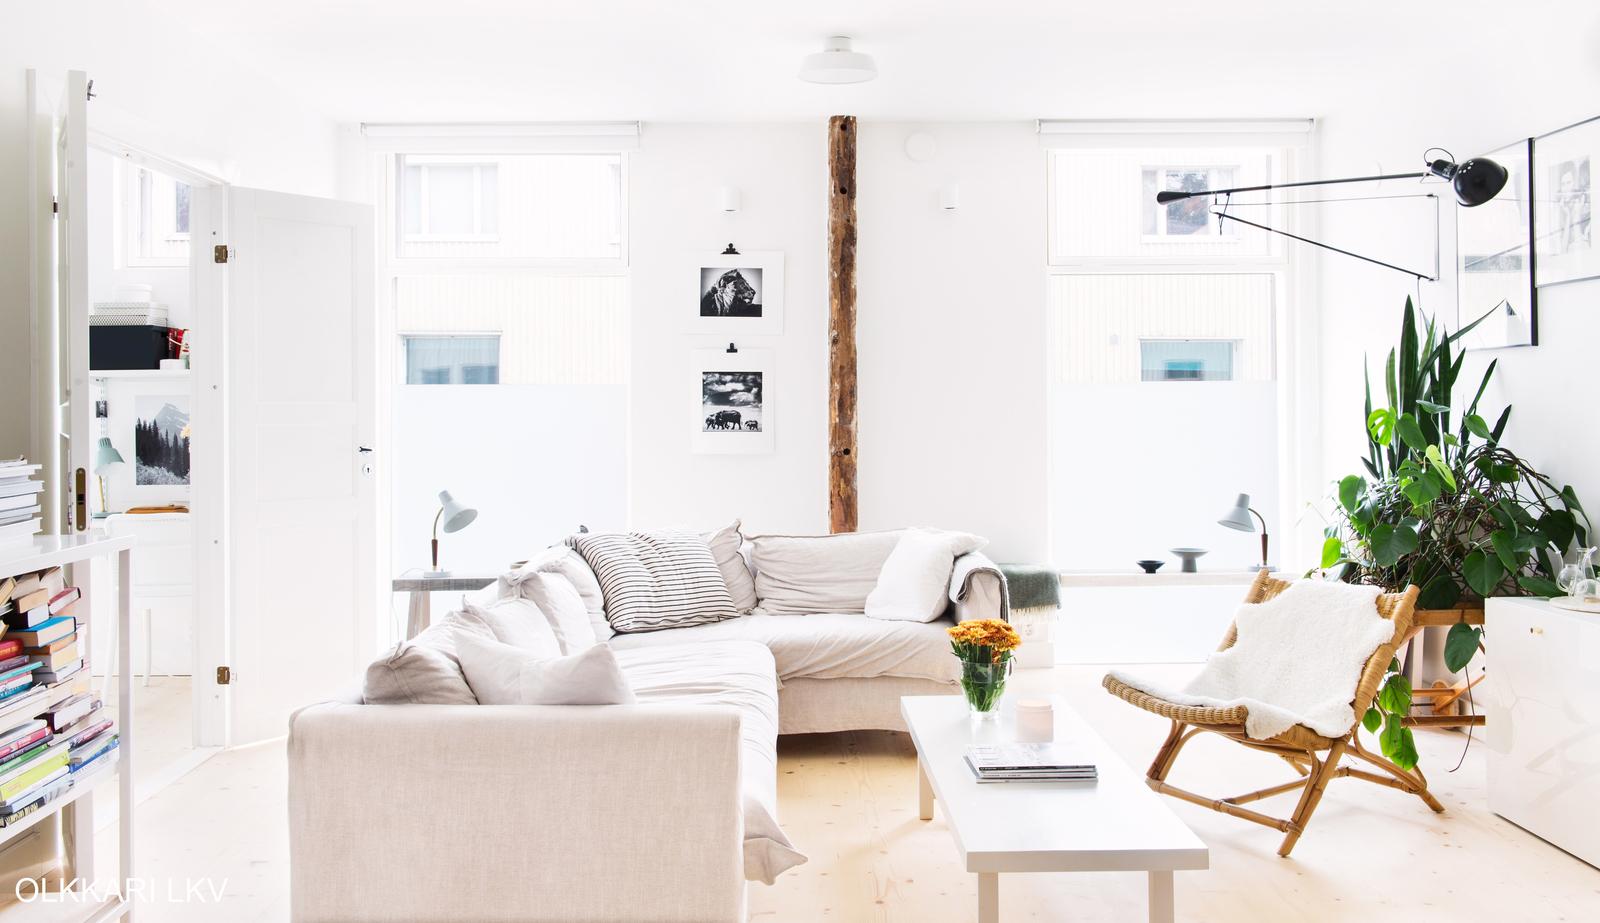 Pieni olohuone  viisi vinkkiä viihtyisään sisustukseen  Etuovi com